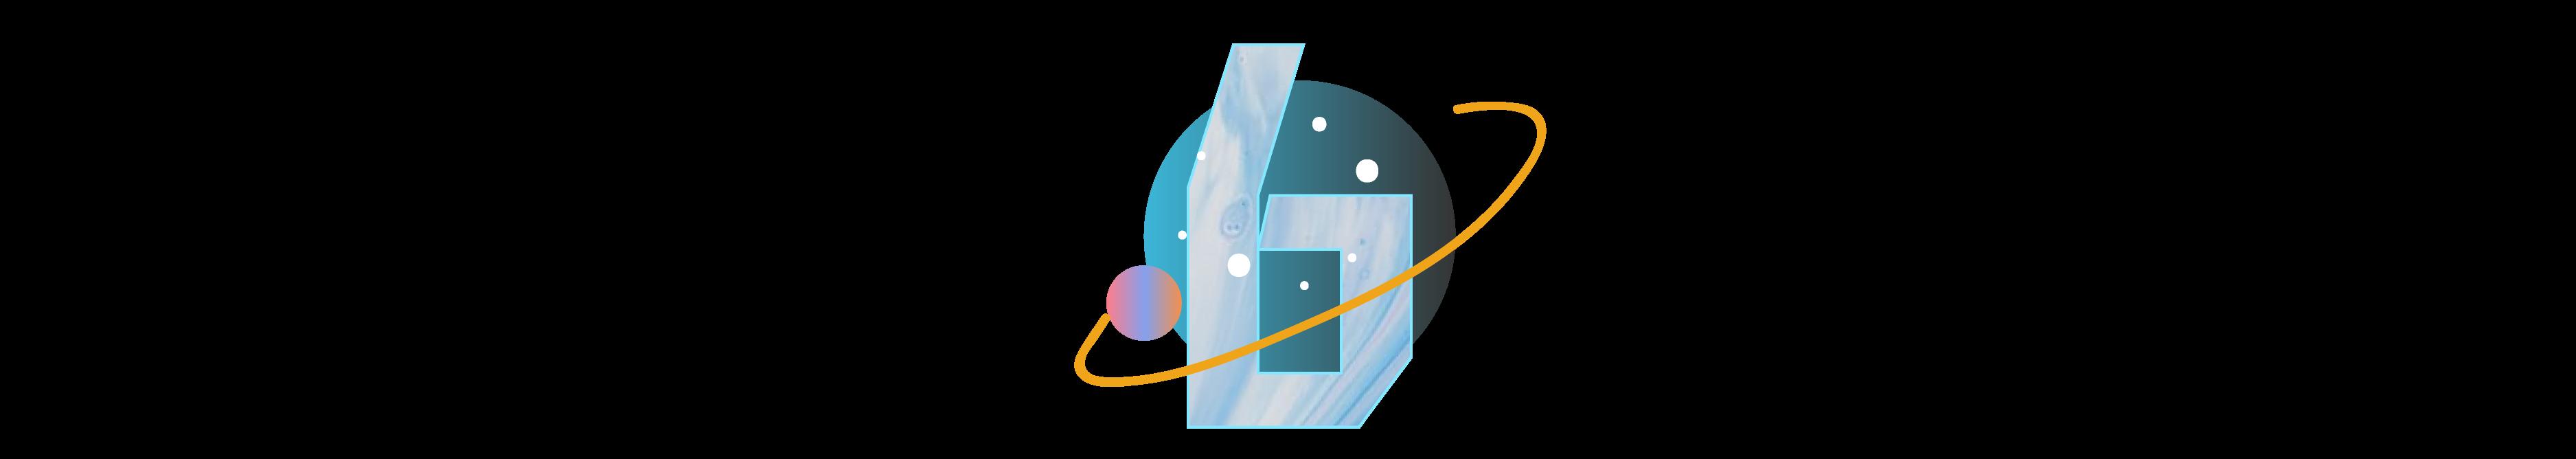 2021年6月十二星座塔罗运势,2021年运势最好的星座  第13张